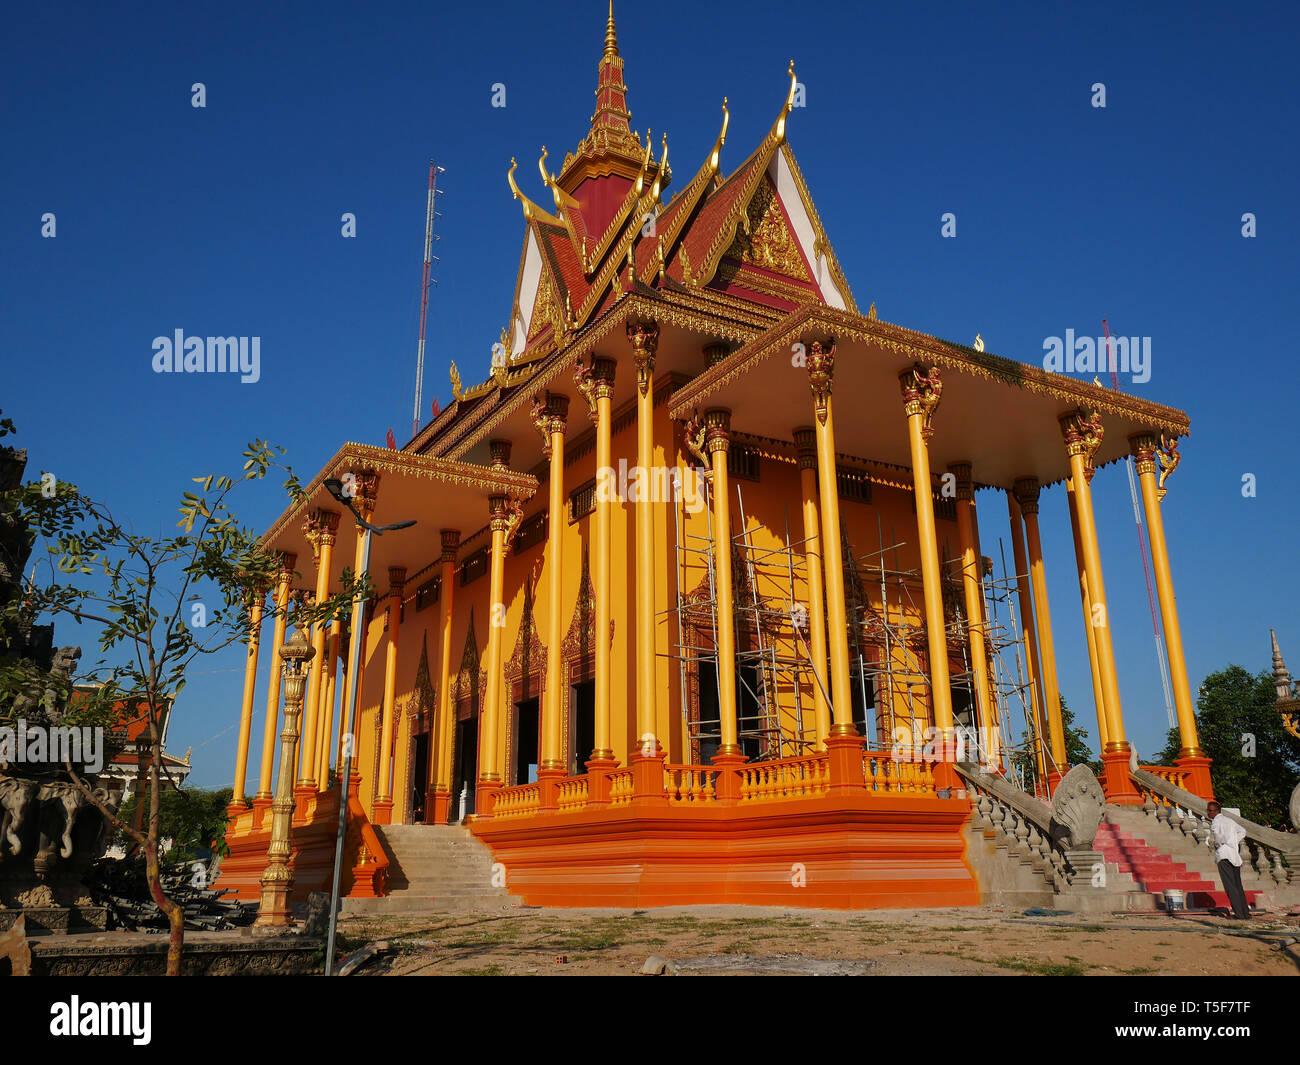 El impresionante nuevo templo de Wat Kampong Thom, Pagoda, casi completa y brillante de color naranja y oro. De Kampong Thom, Camboya. 19-12-2018,. Foto de stock